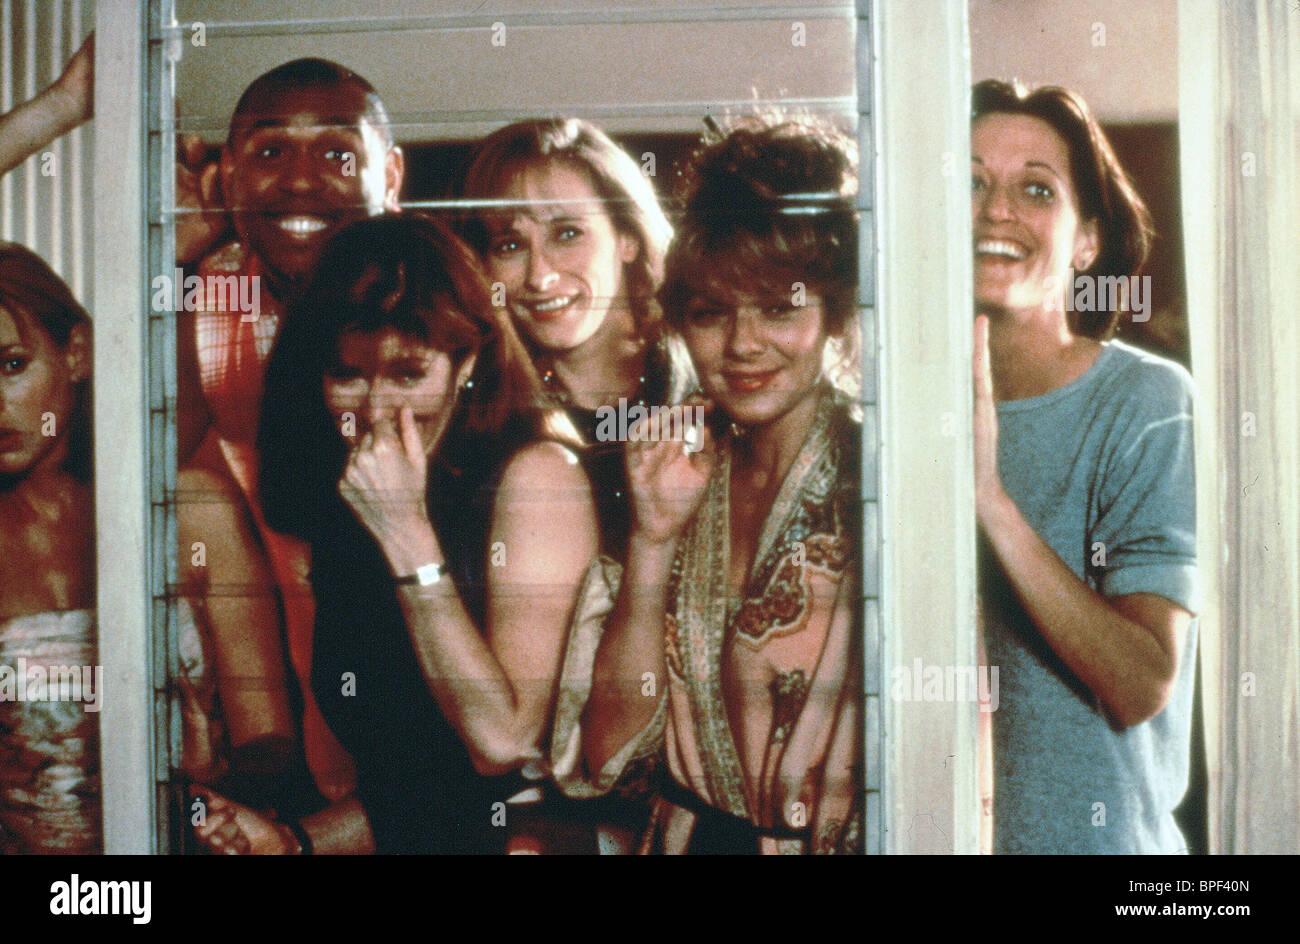 Dana Delany Nude Photos scene with dana delany, laila robins, kim cattrall, lora